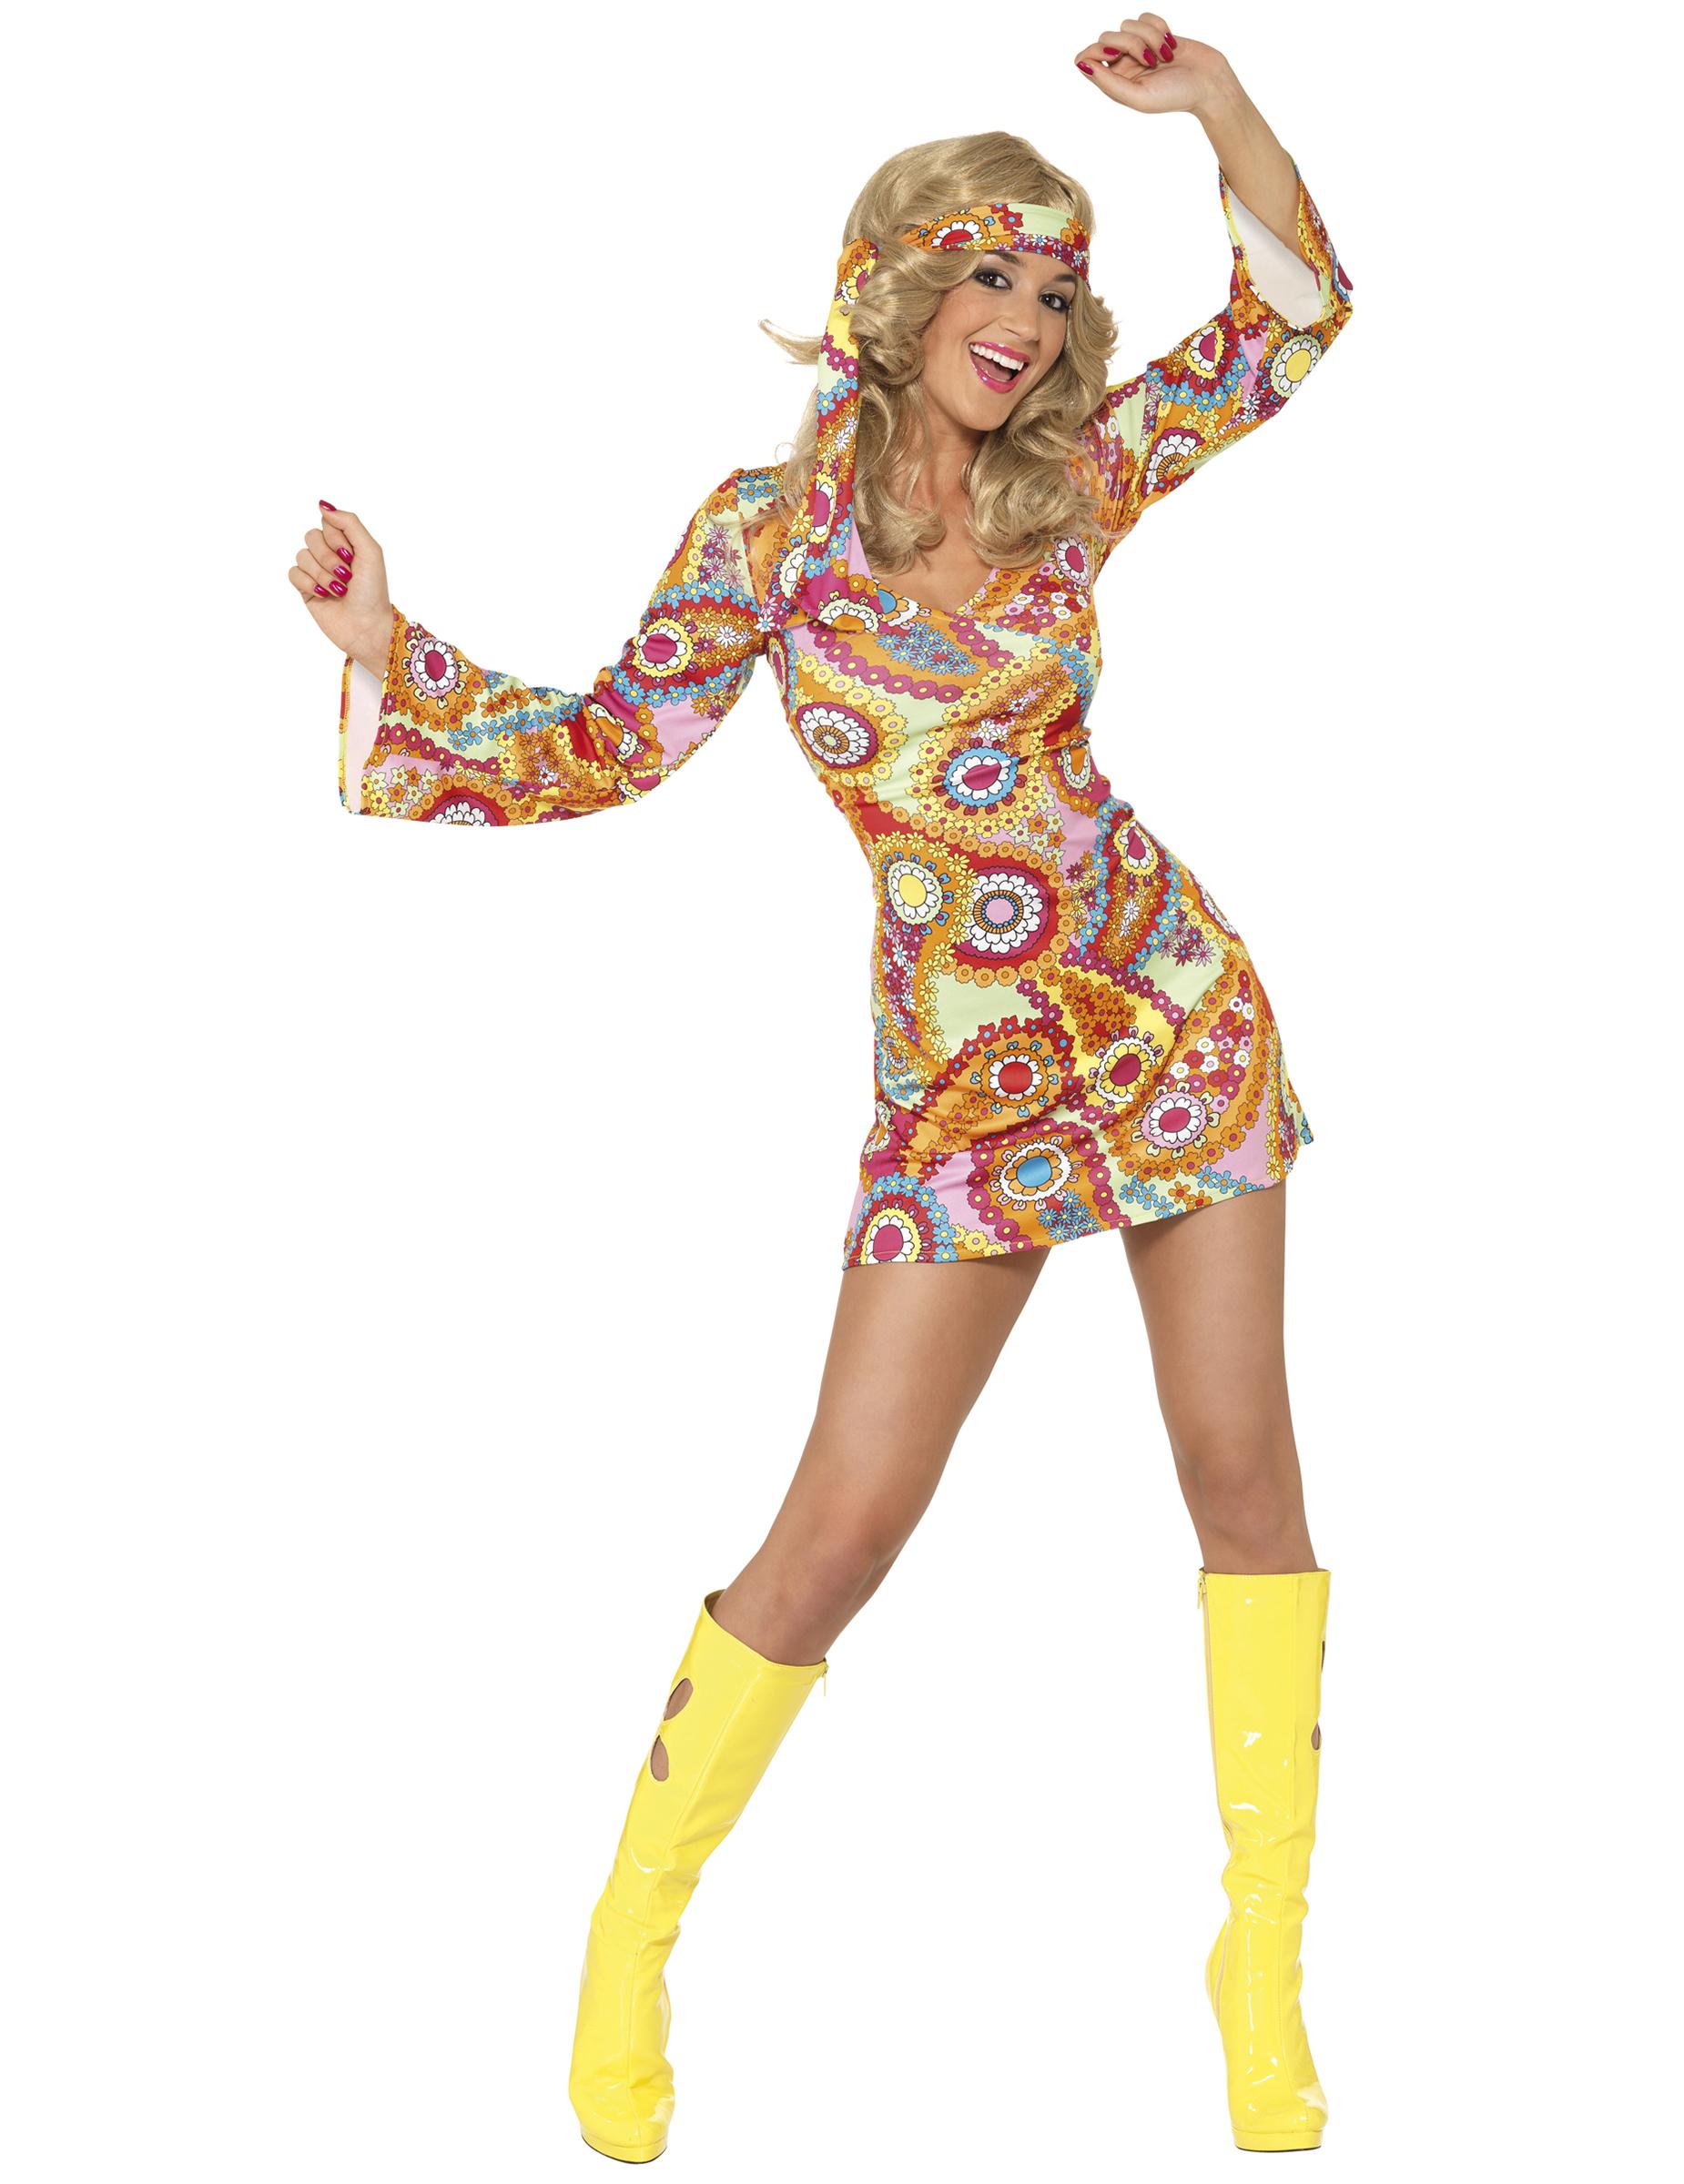 Déguisement hippie motifs colorés femme   Deguise-toi, achat de ... 951f51667f3f